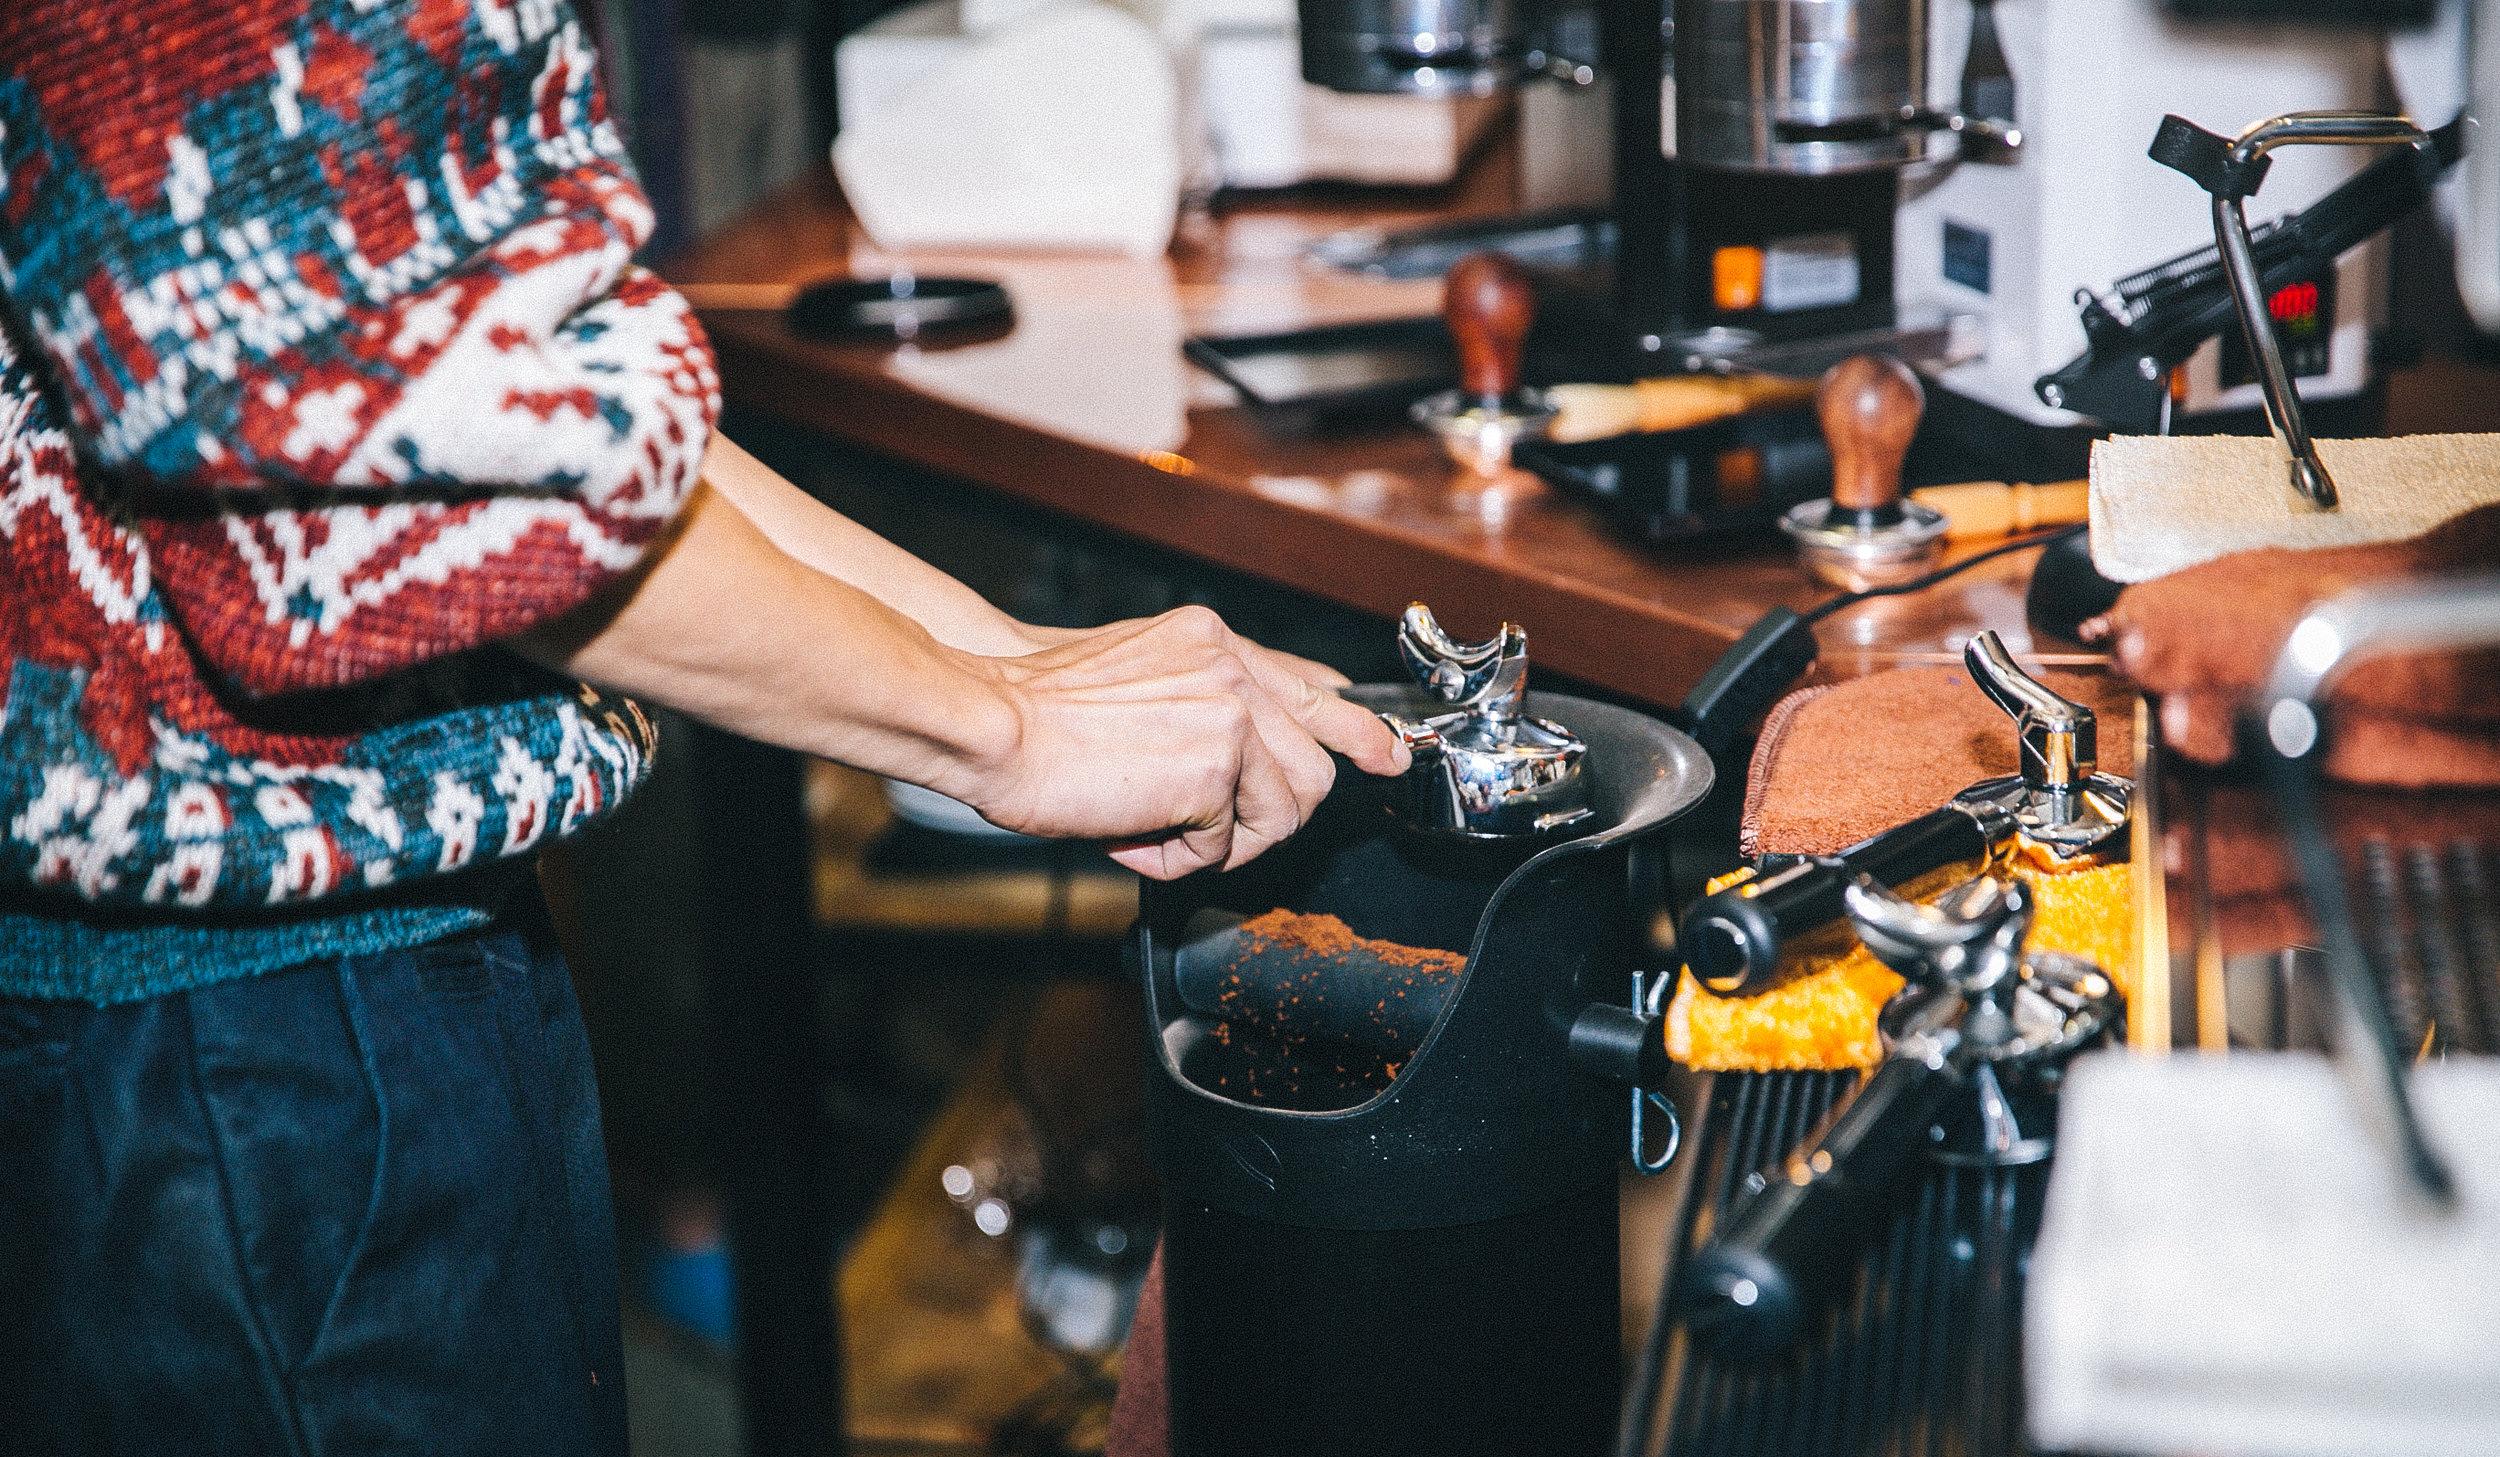 火星手咖啡 咖啡制作